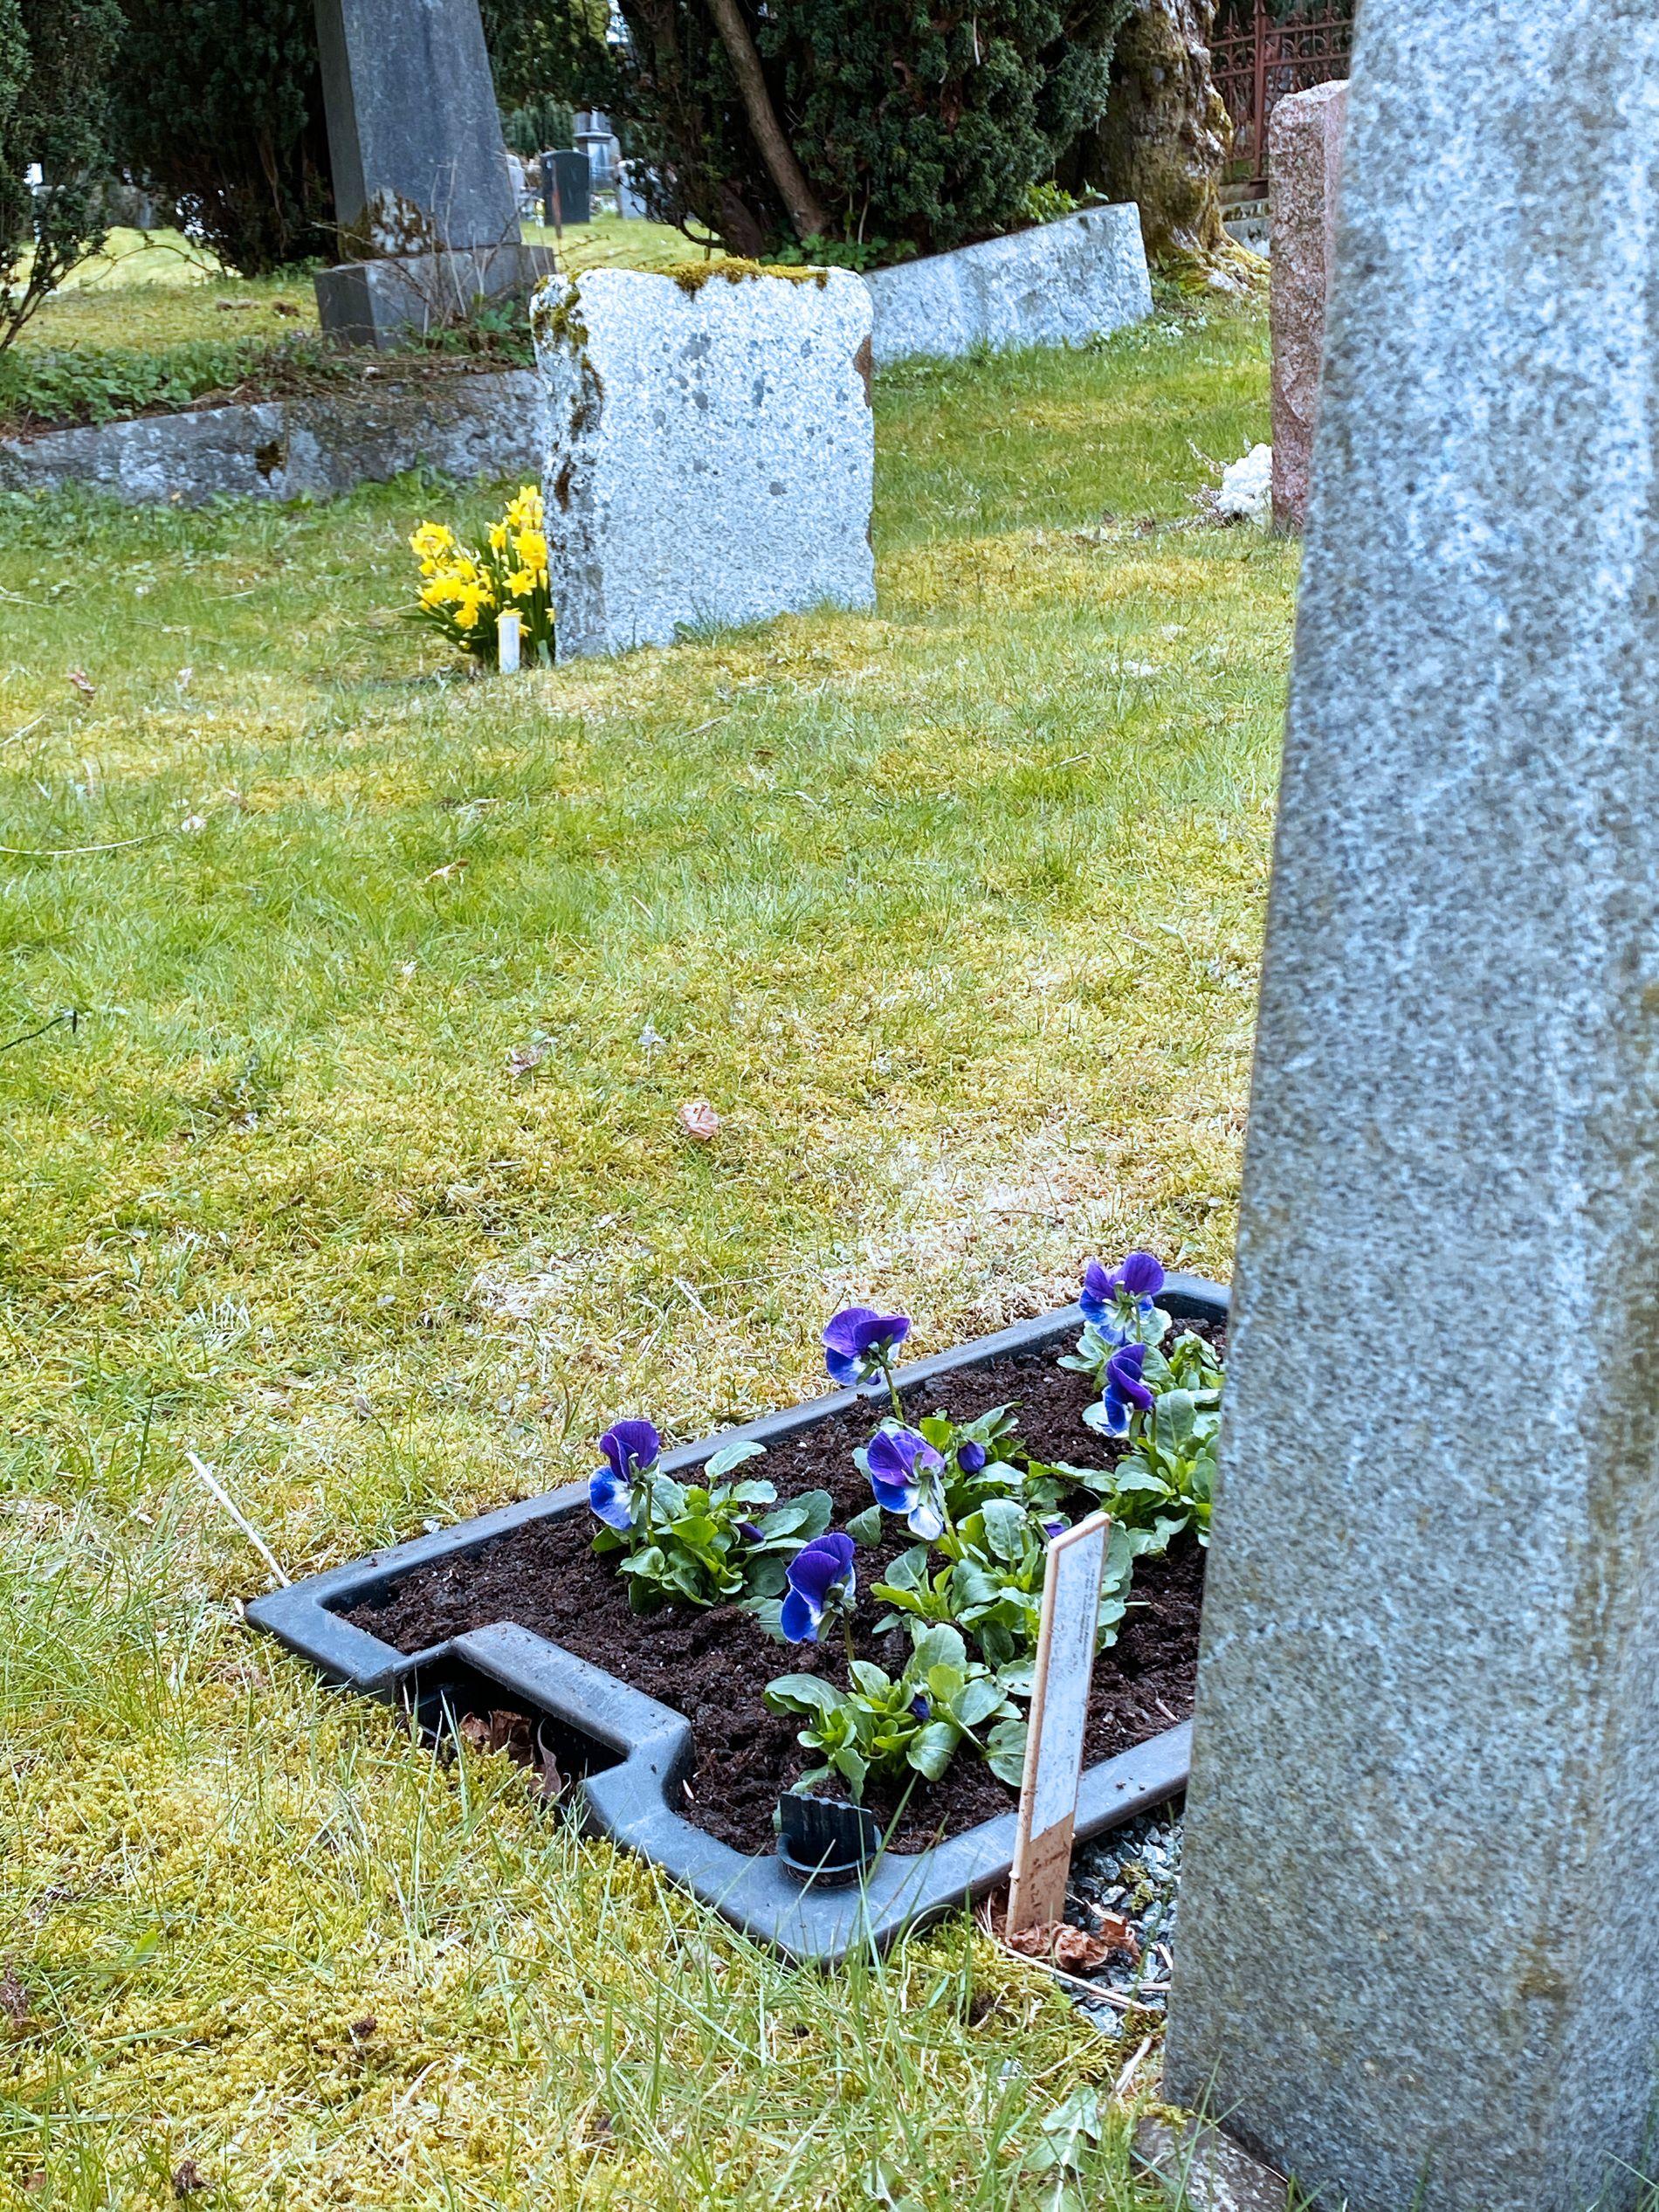 ULIKE STELLAVTALER: Foran et eksempel på en grav med selvvanningskasse som har fått vårblomster på plass. Den lengst vekke har påskeliljer som skal byttes ut.